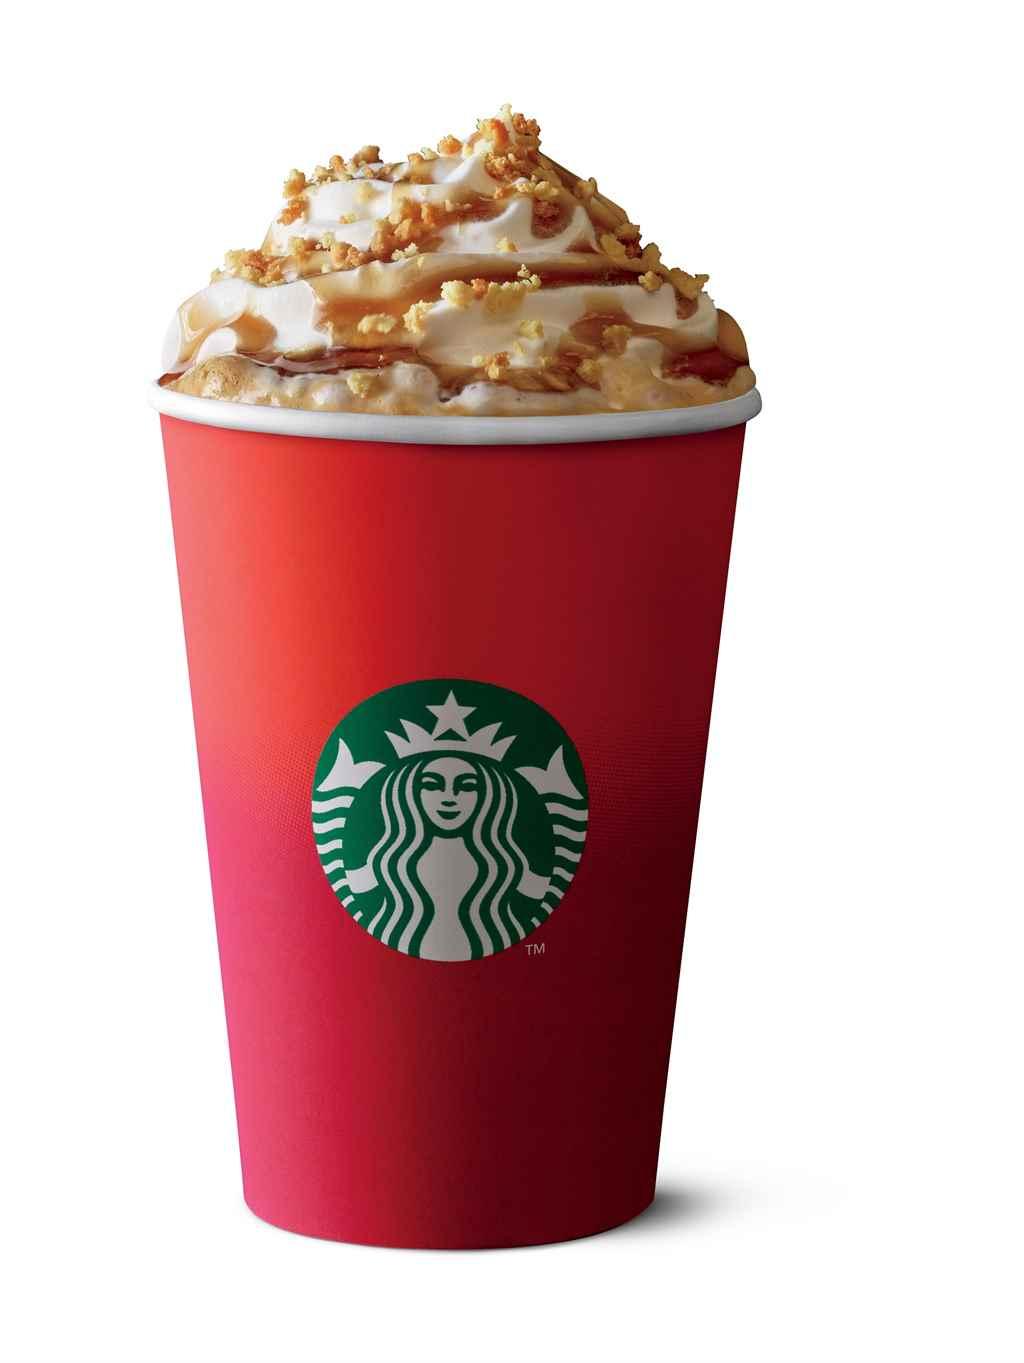 Starbucks_Gingerbread Latte_